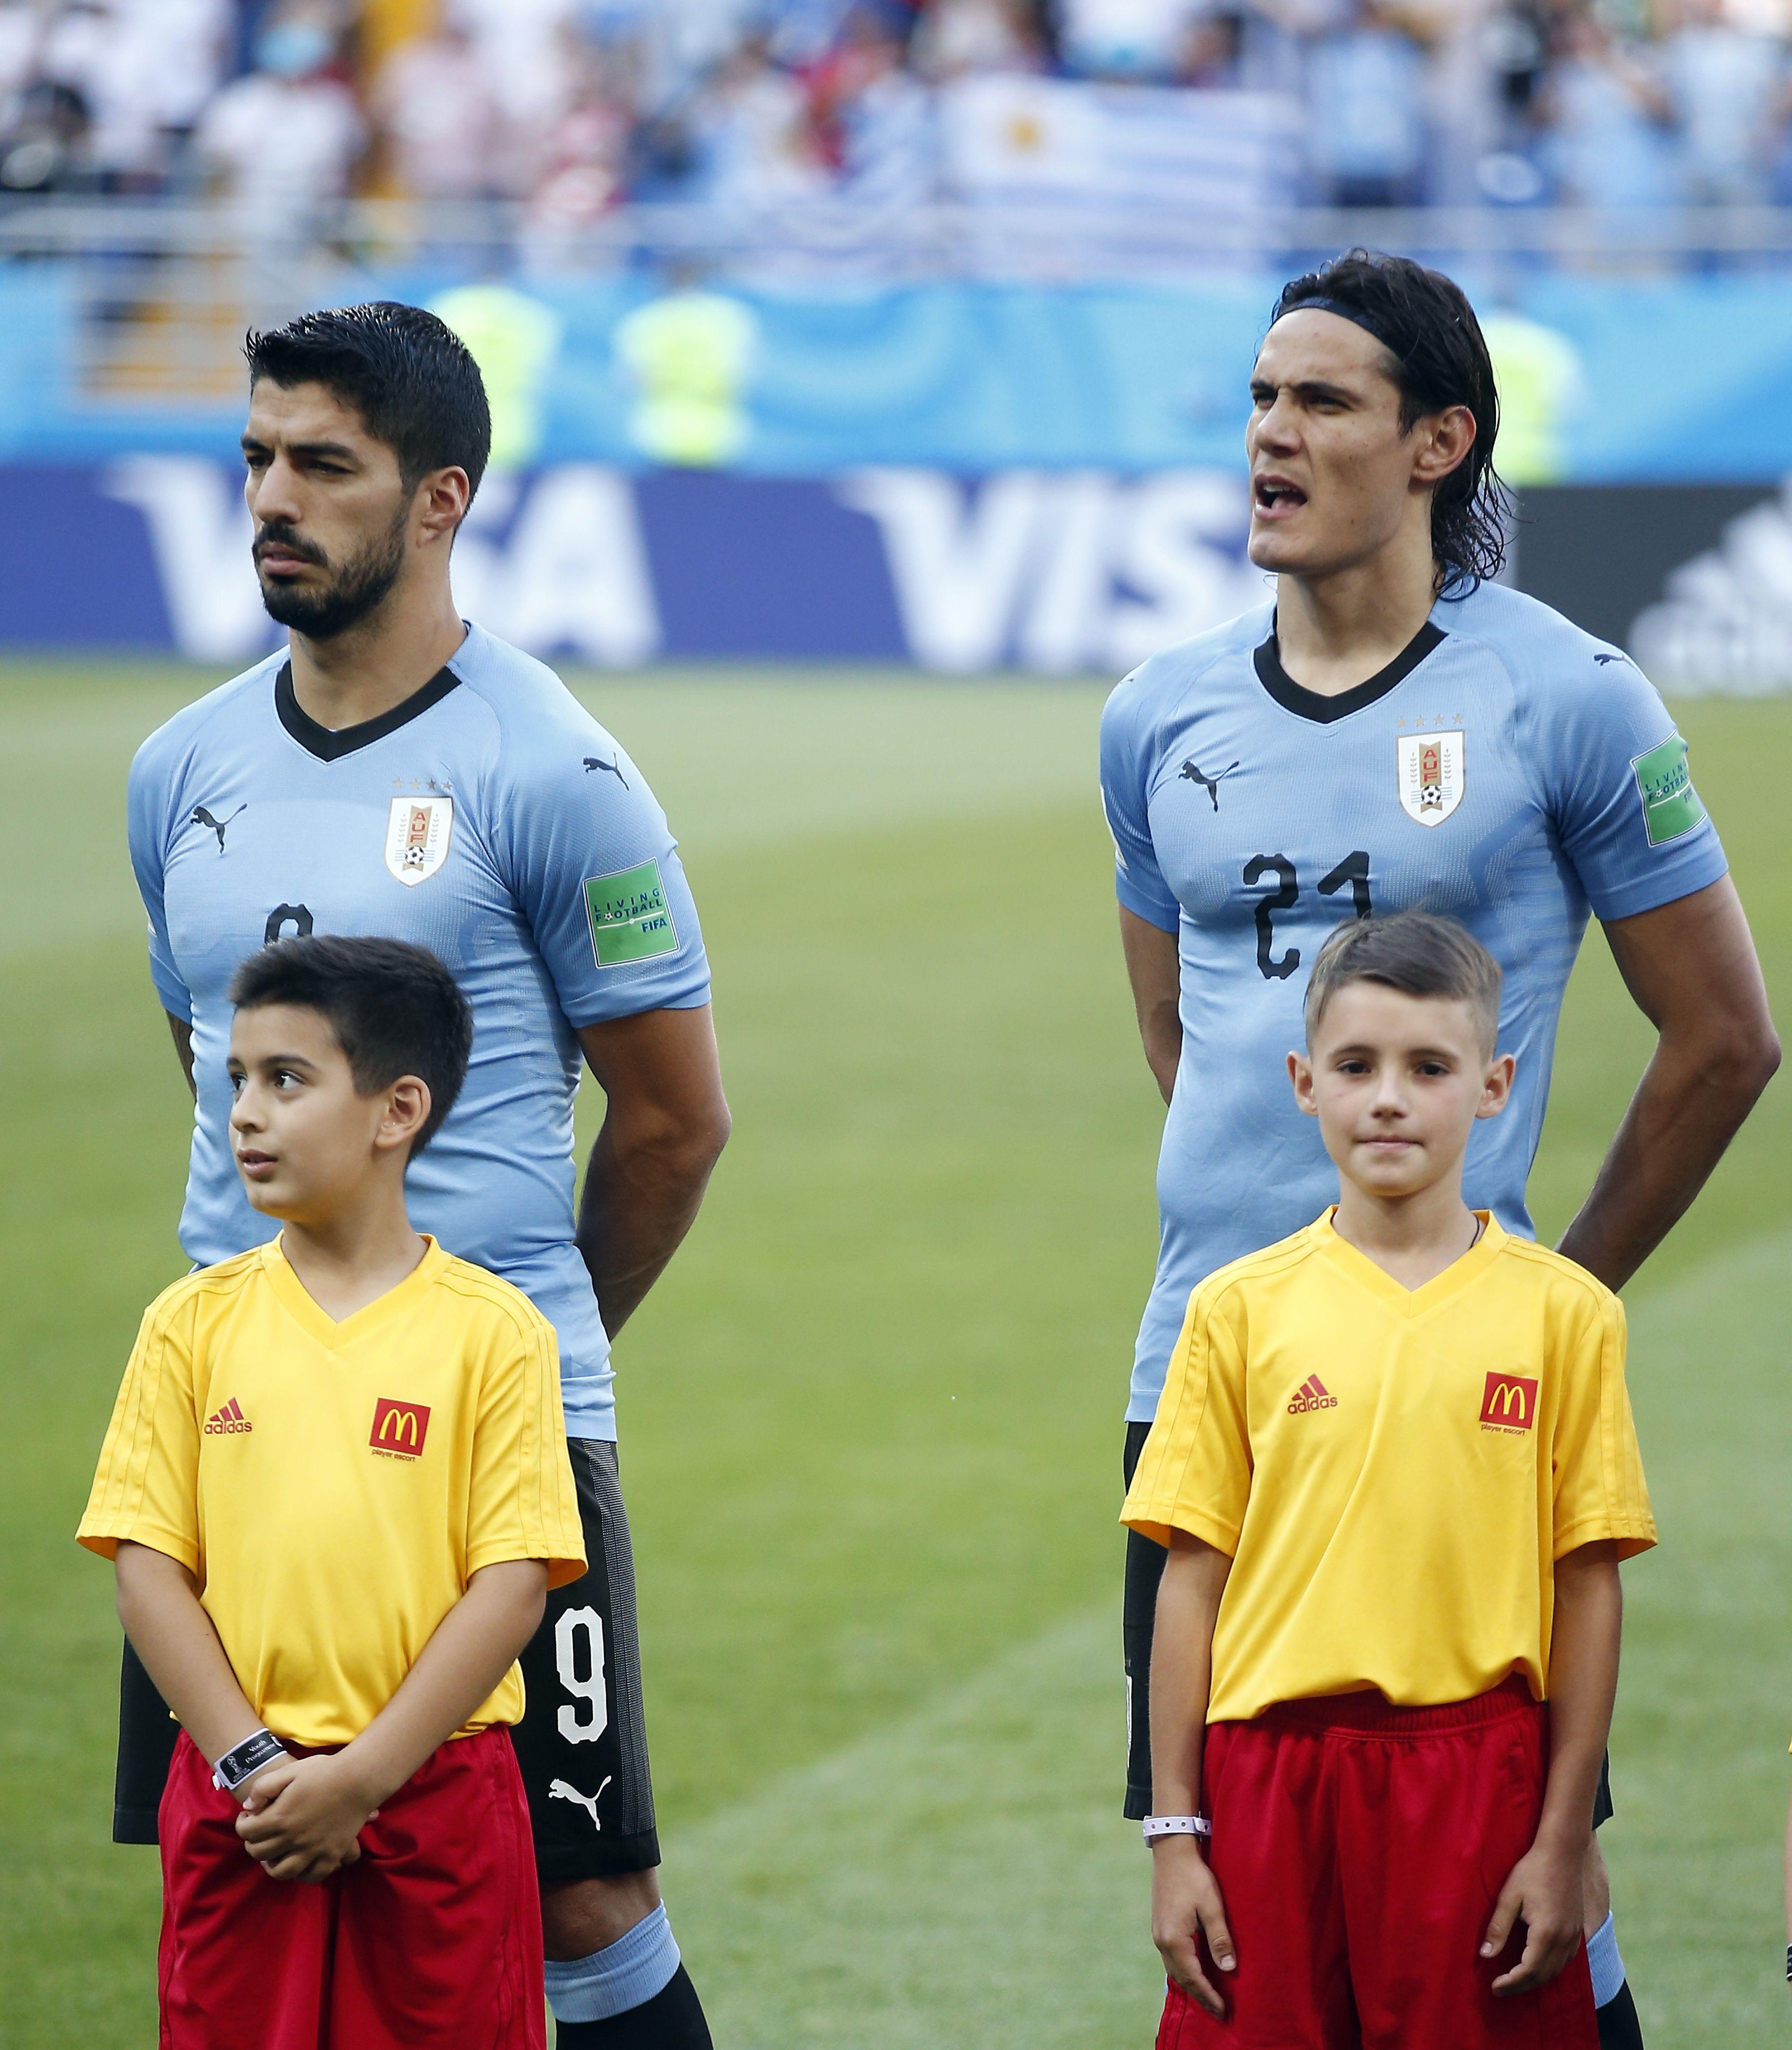 La dupla Suárez-Cavani buscará el pase a cuartos de final en Rusia. Foto: EFE